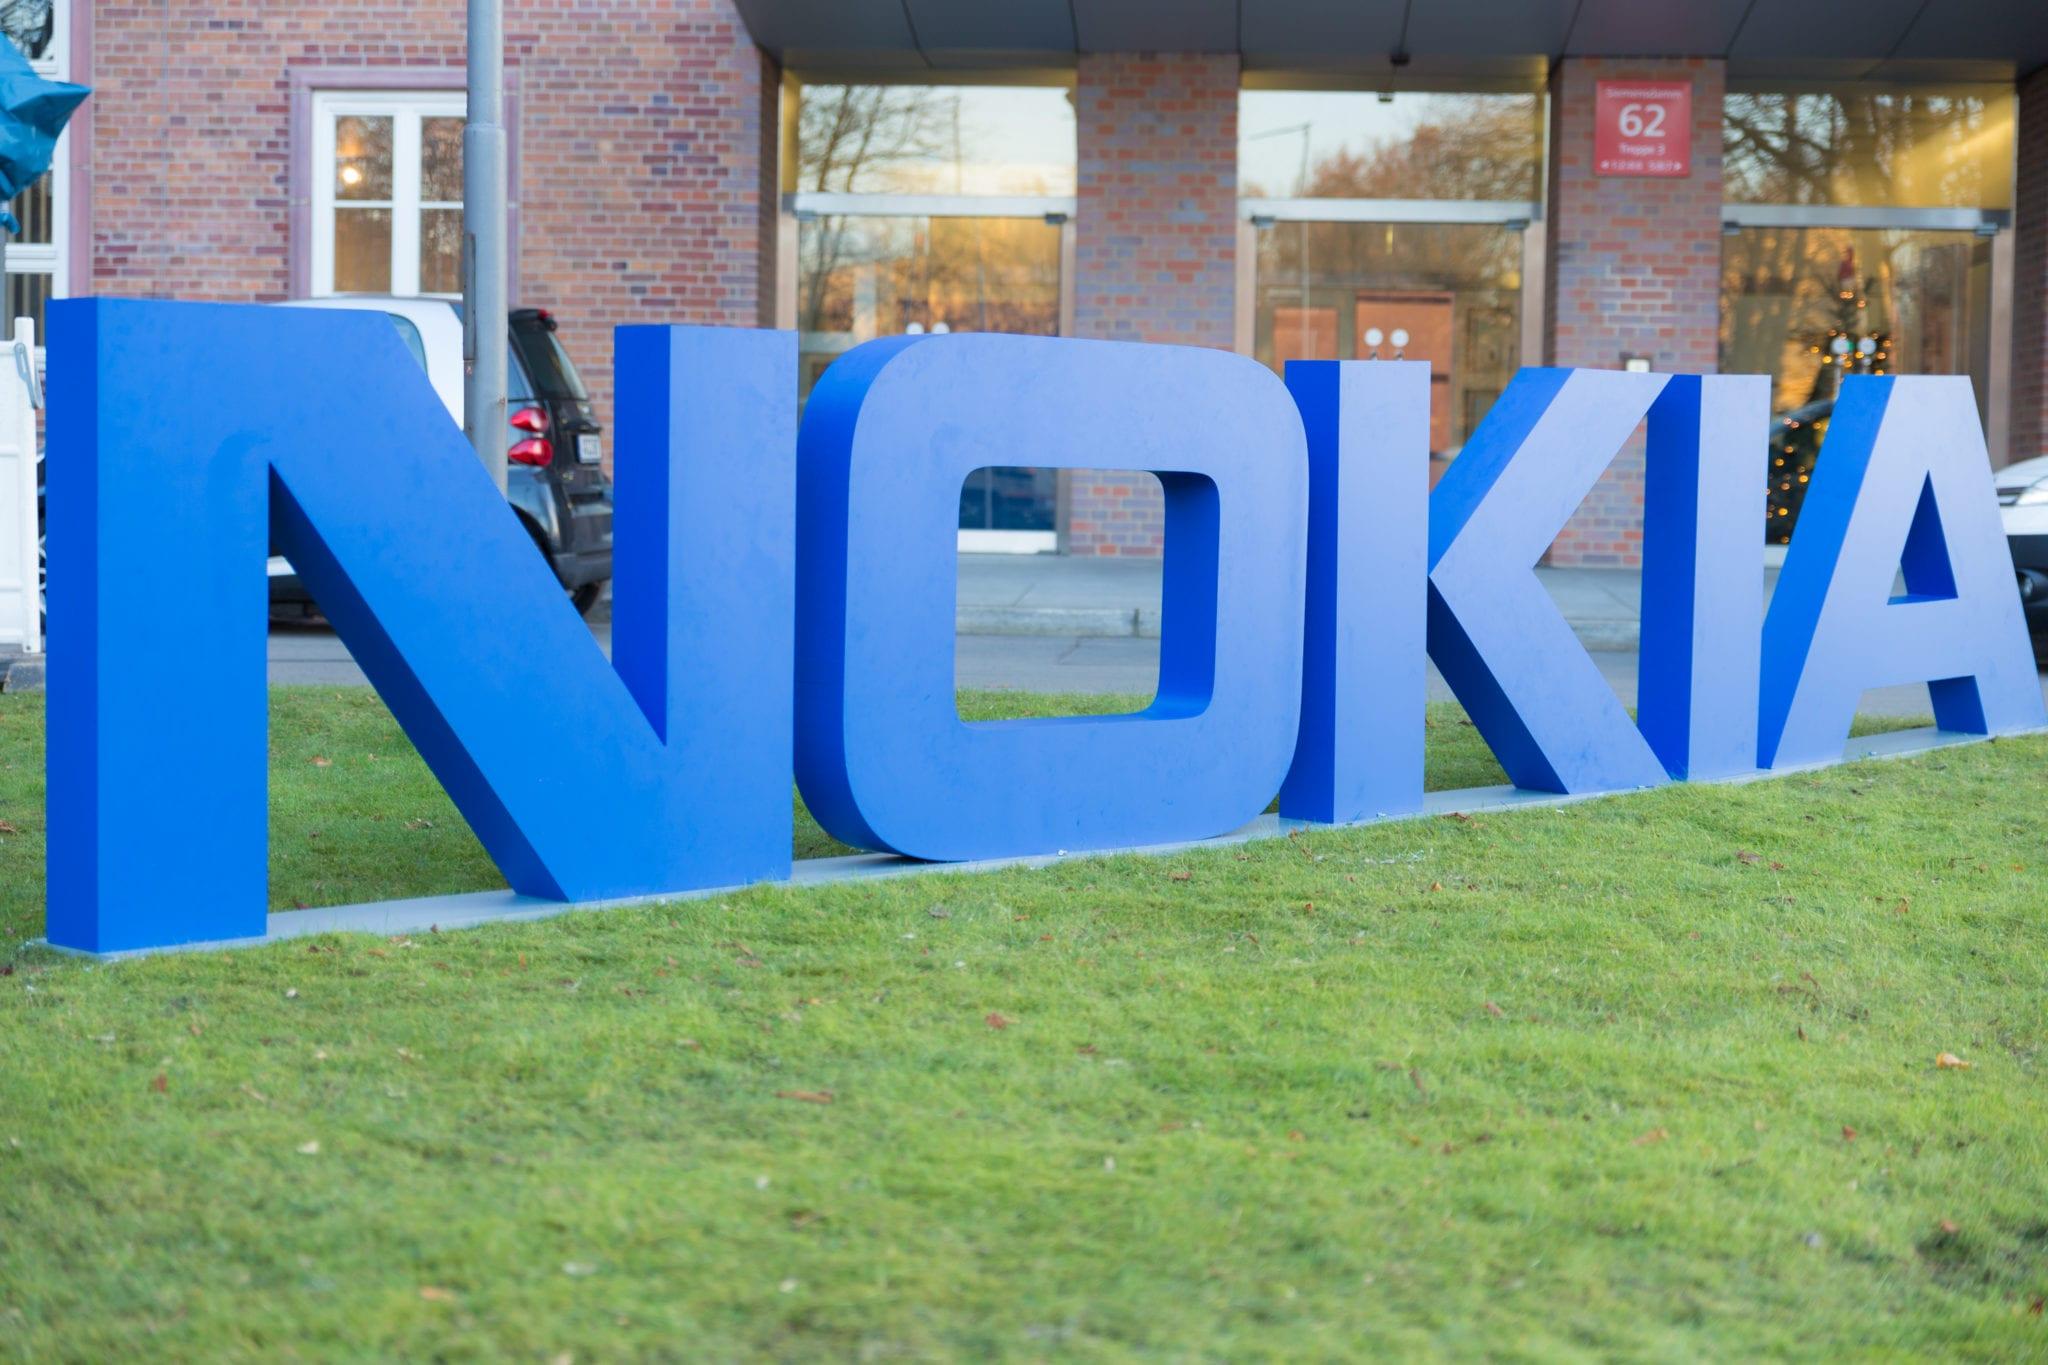 Următorul smartphone Nokia ar putea să împacheteze o cameră de 108MP și un nou chipset Qualcomm cu 5G